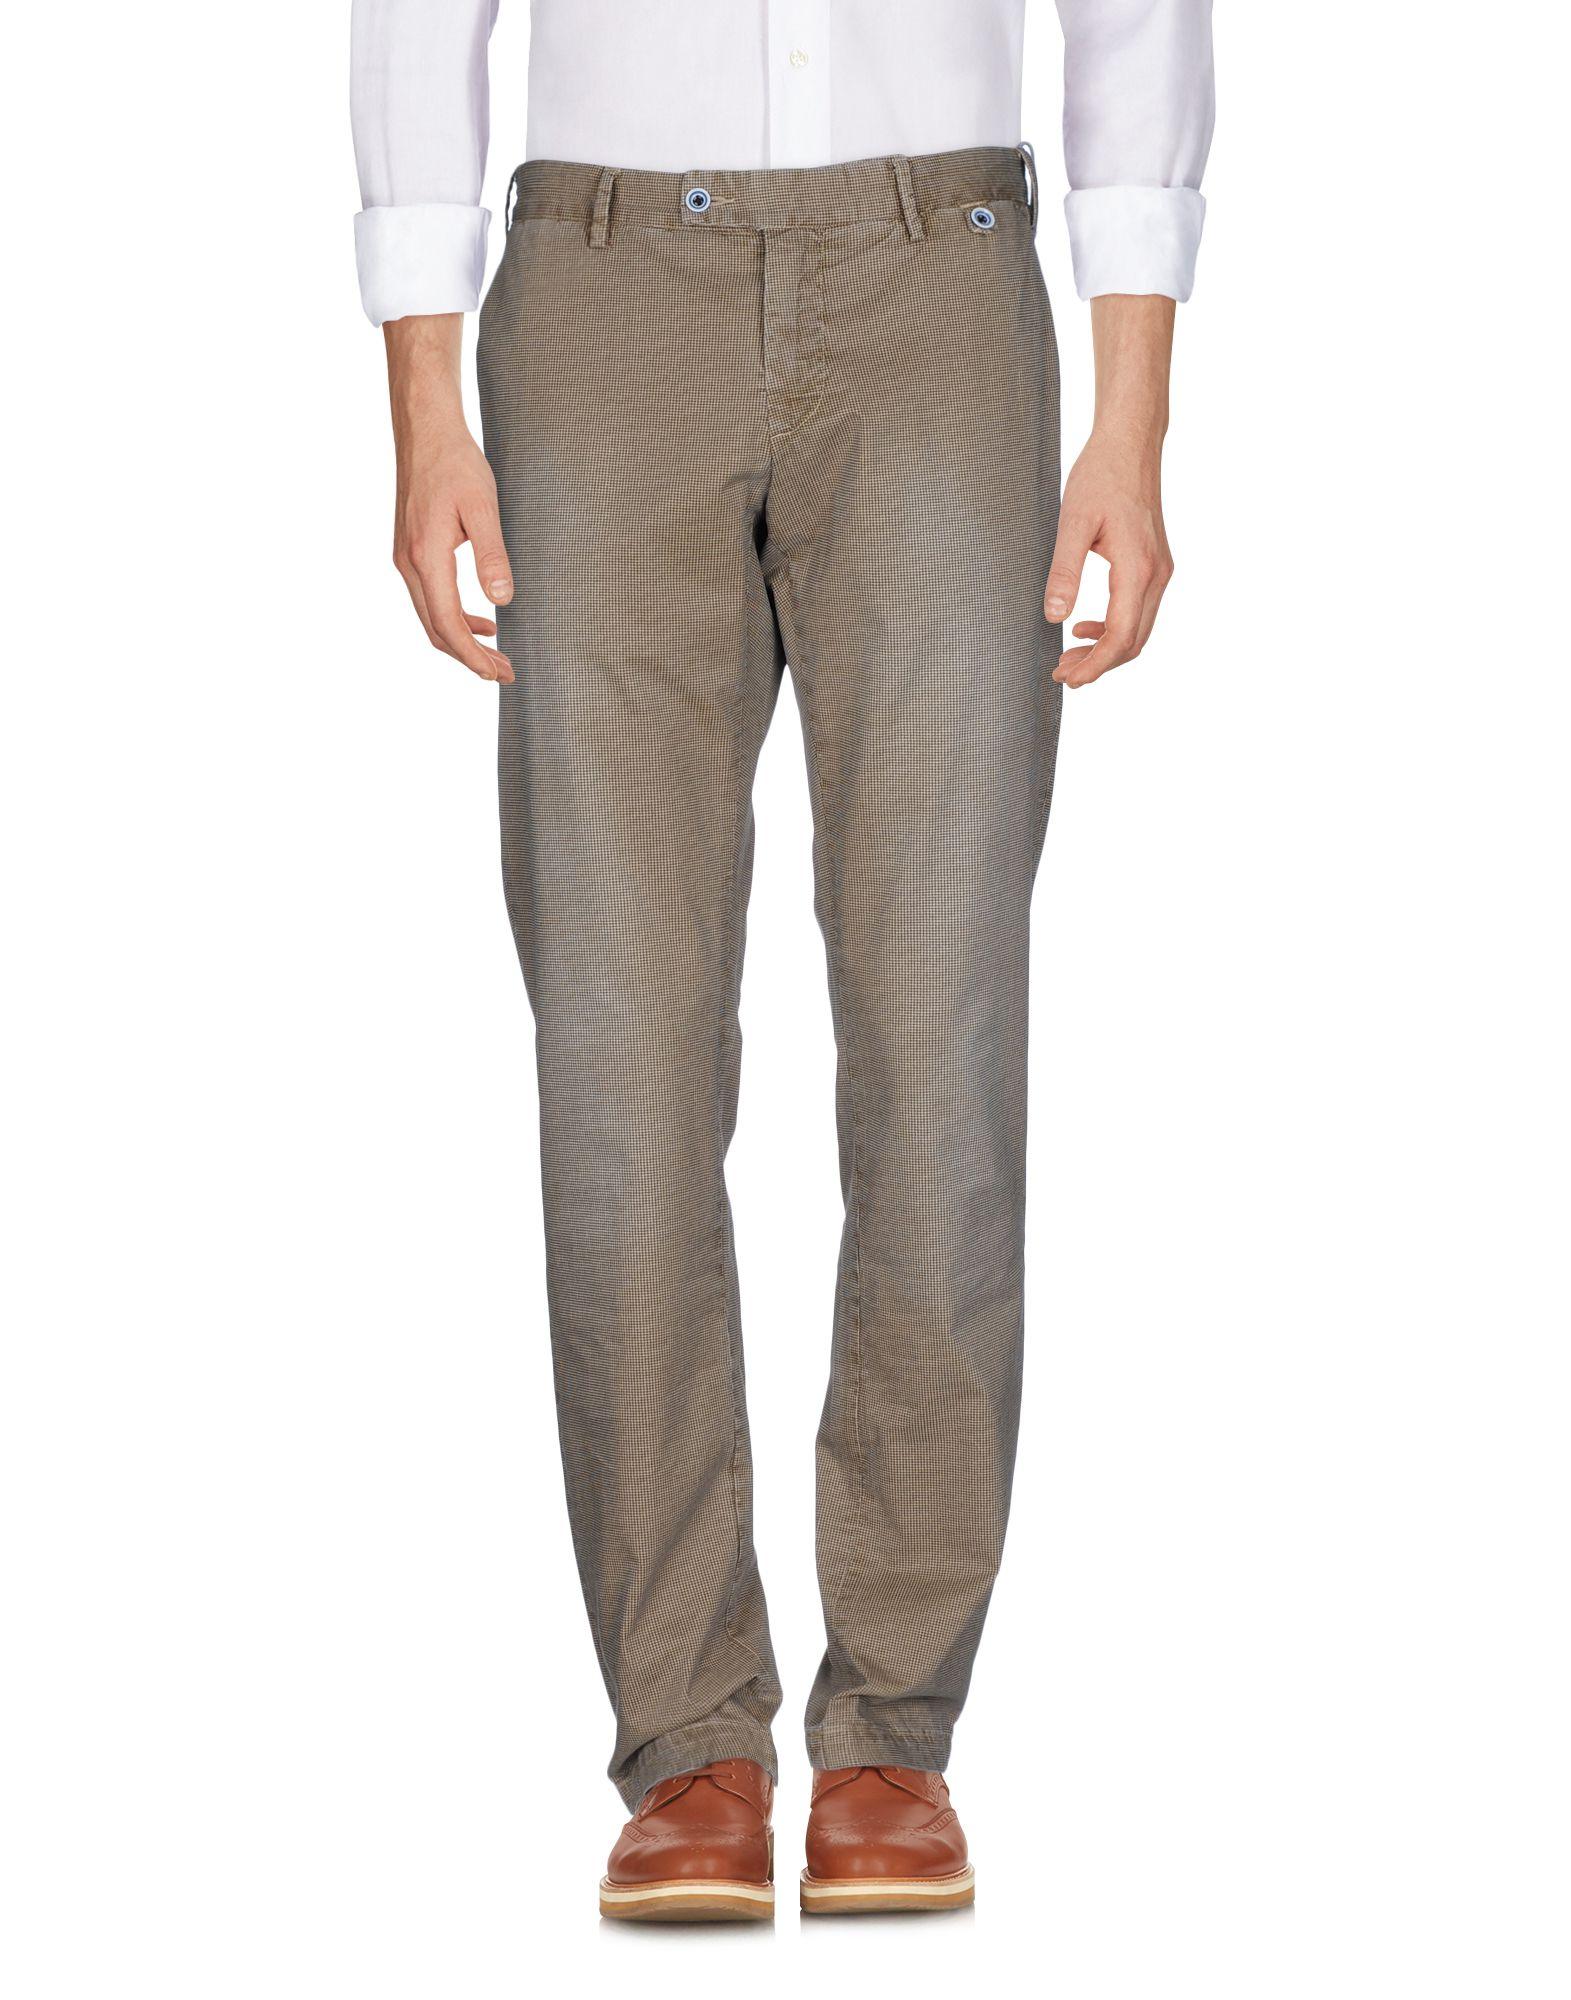 ФОТО at.p.co повседневные брюки